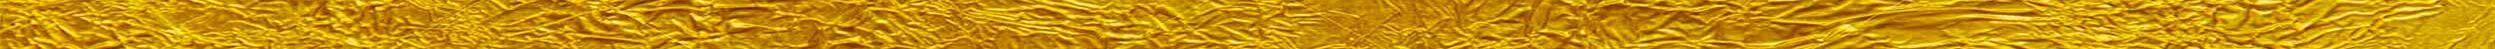 Gold Foil Wide